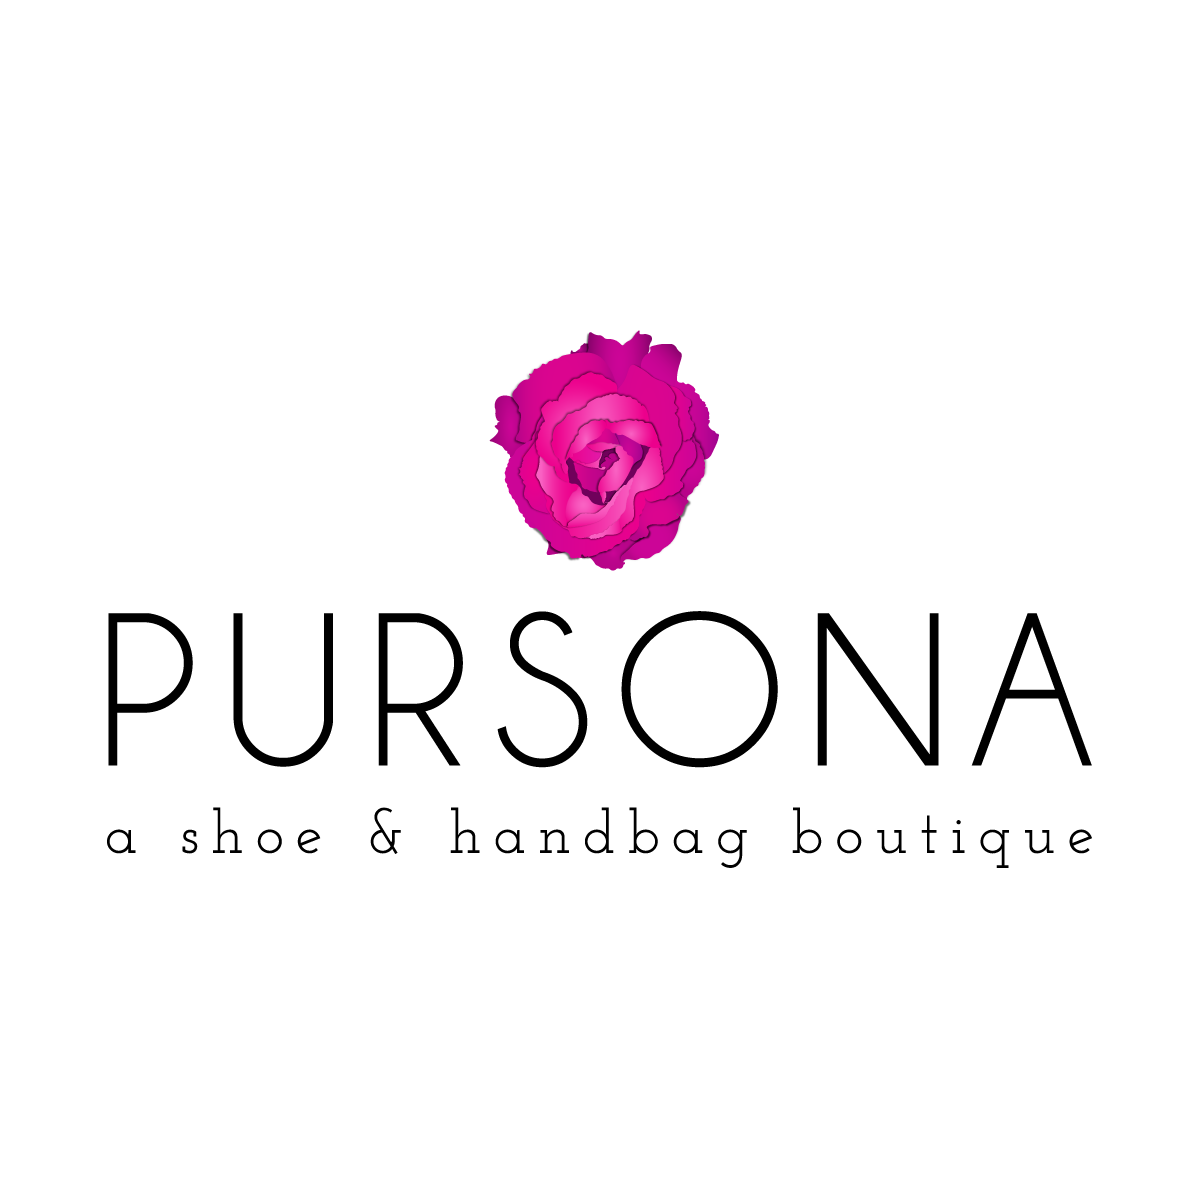 pursona-logo-transparent.png